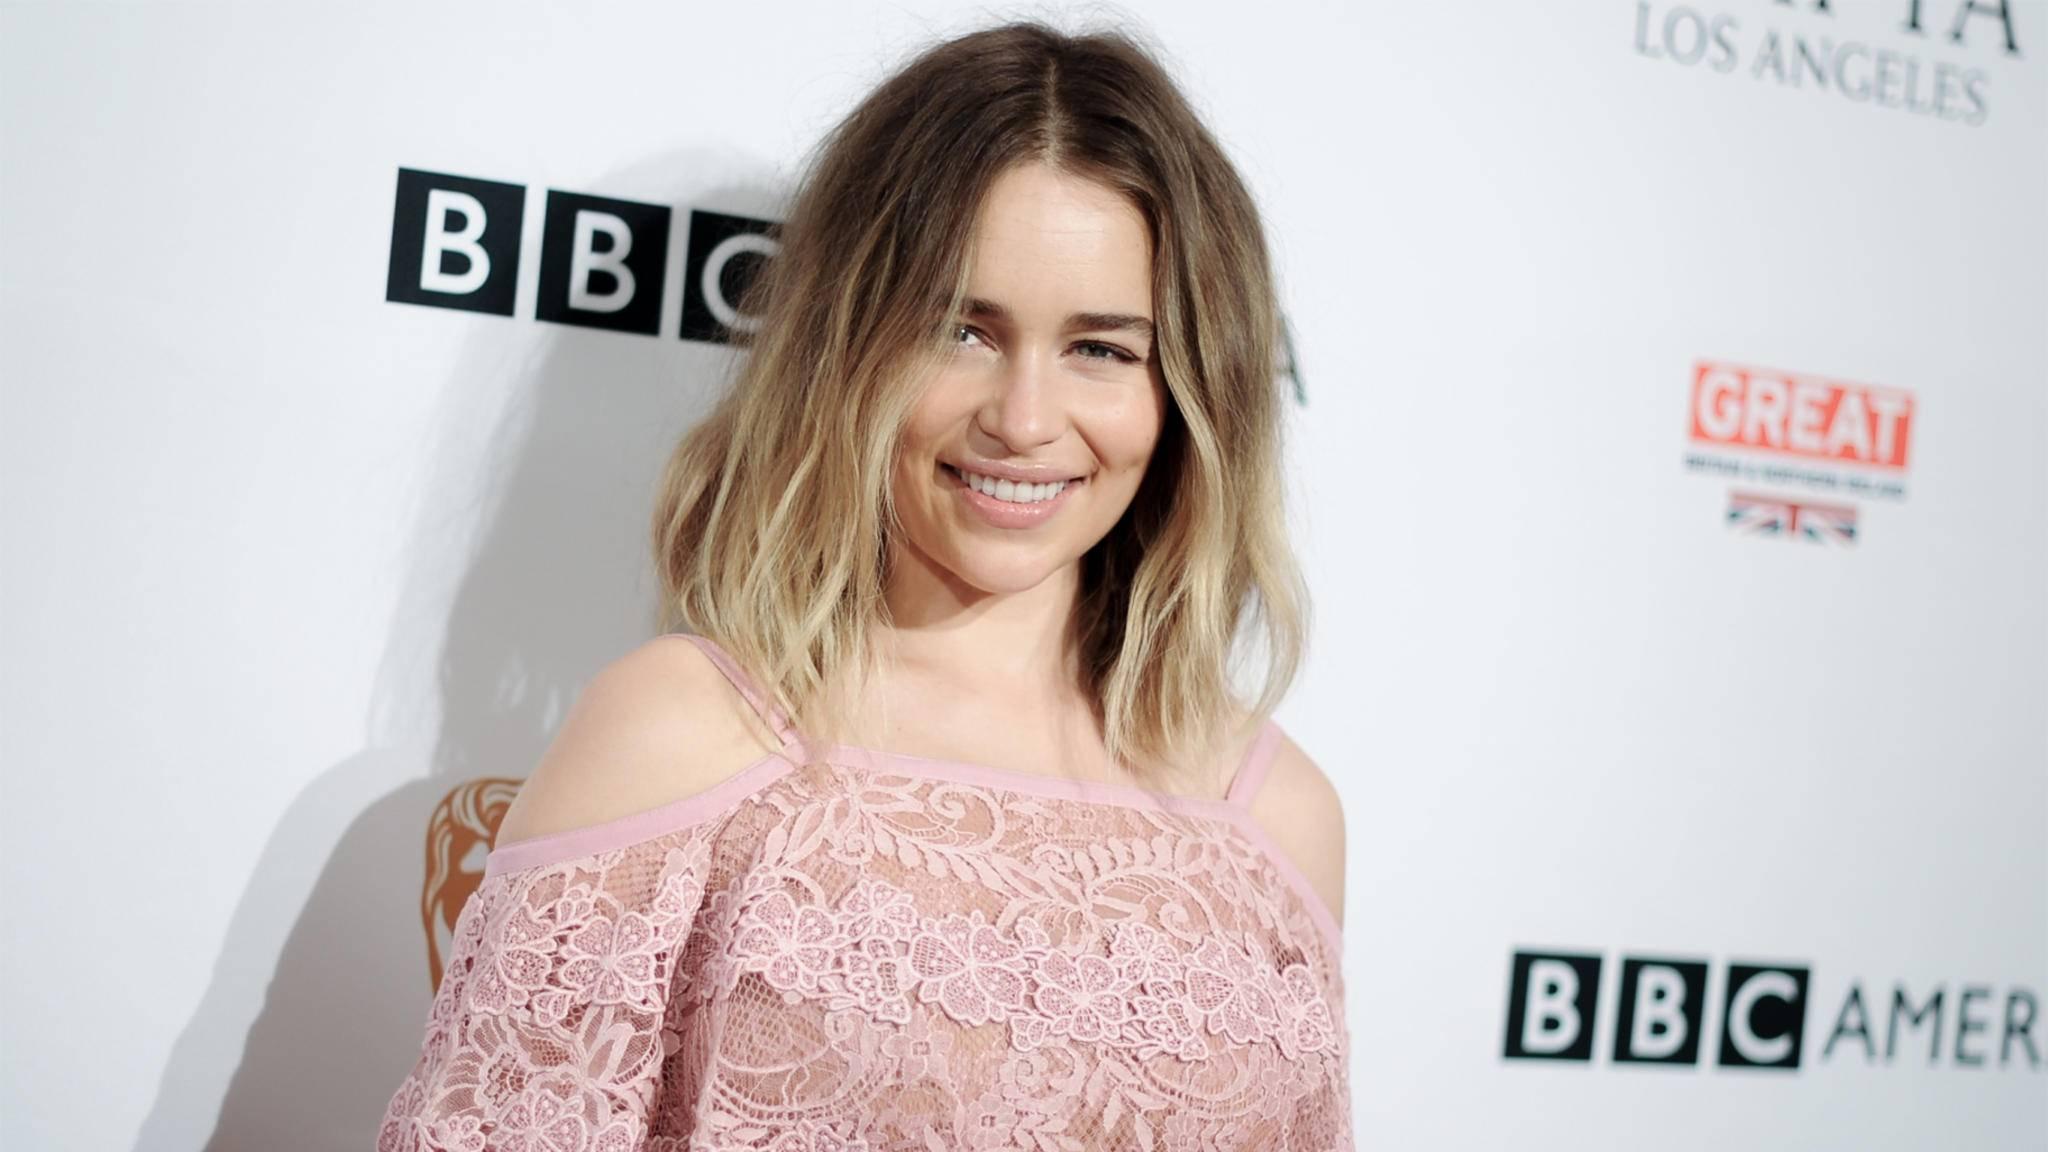 """Bloß nicht zu viel verraten! Emilia Clarke steht bei Interviews zum """"Star Wars""""-Spin-off über Han Solo mittlerweile ganz schön unter Druck."""